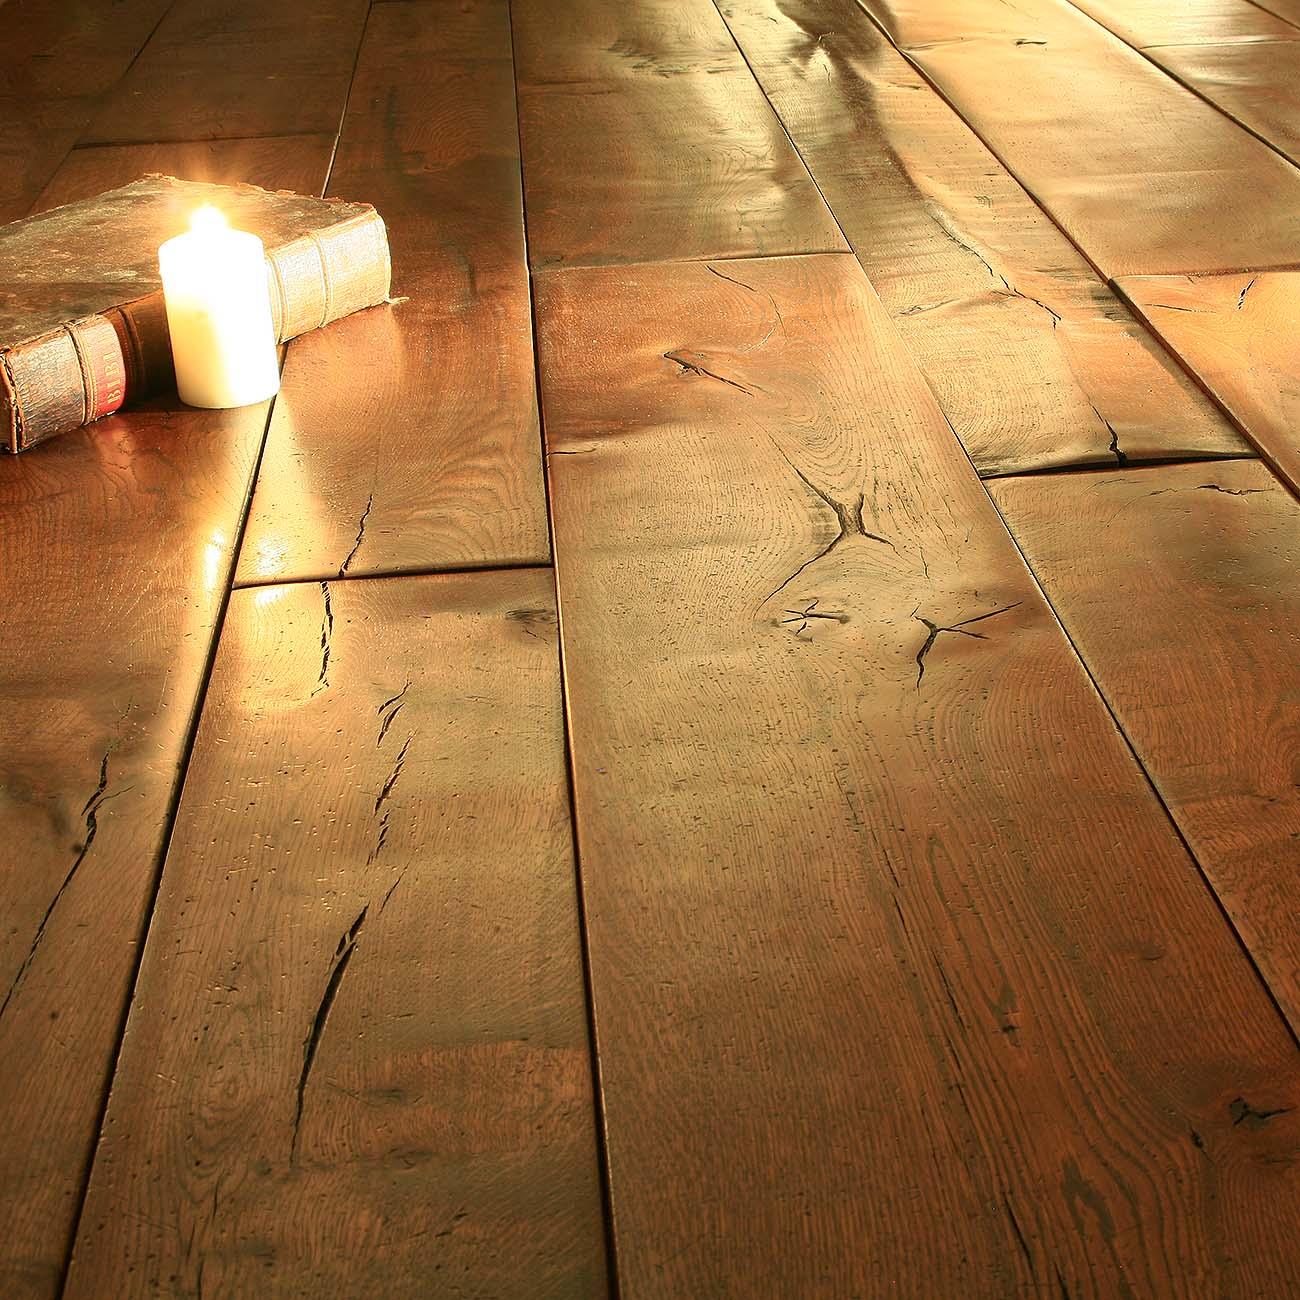 Timber flooring texture